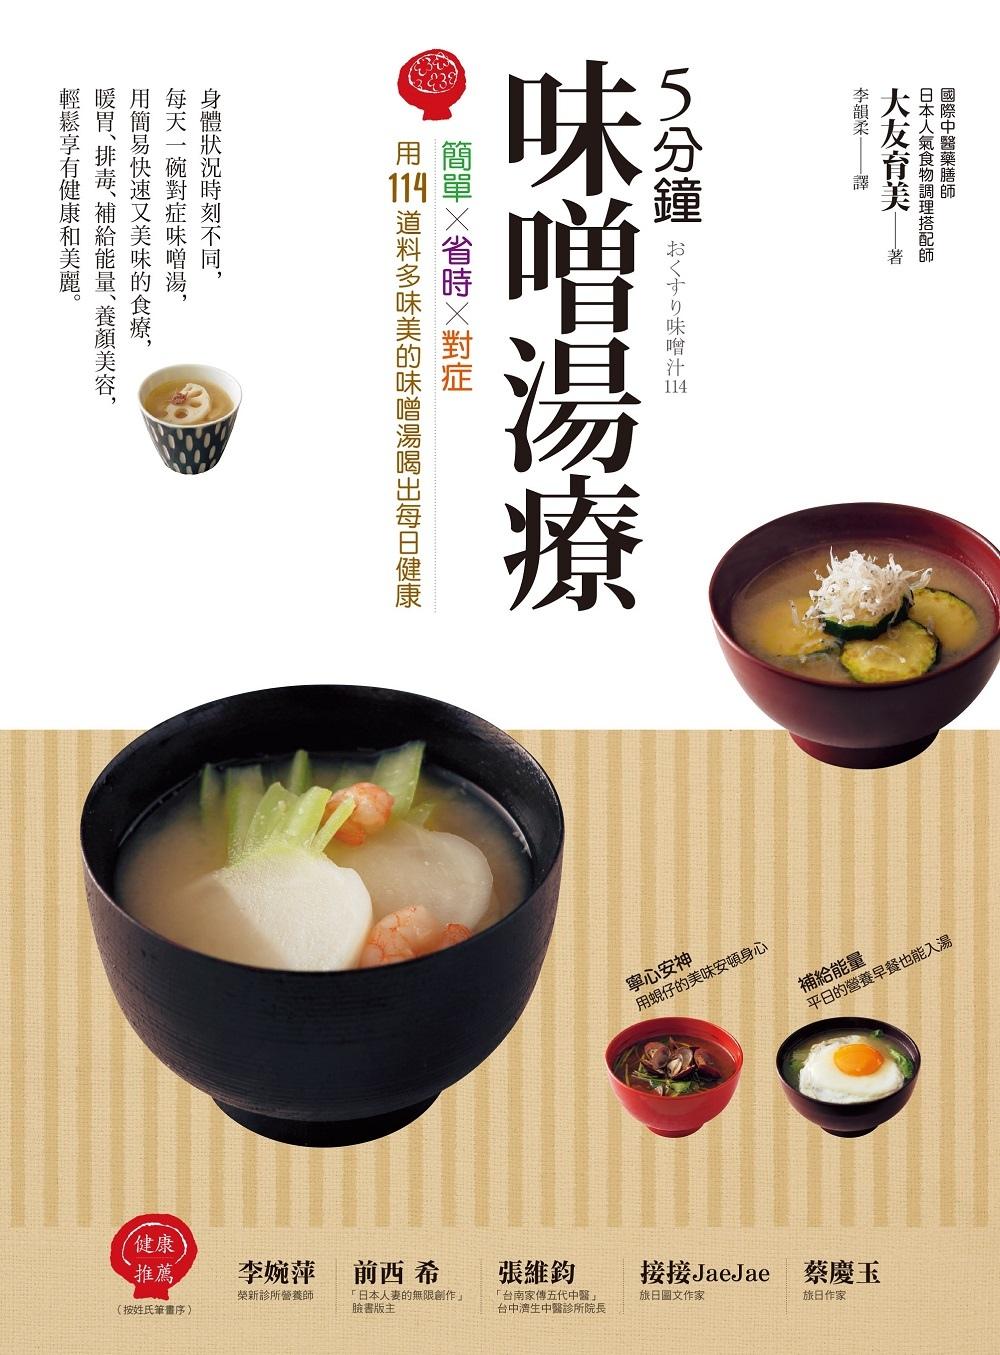 ◤博客來BOOKS◢ 暢銷書榜《推薦》5分鐘味噌湯療:簡單╳省時╳對症~用114道料多味美的味噌湯喝出每日健康